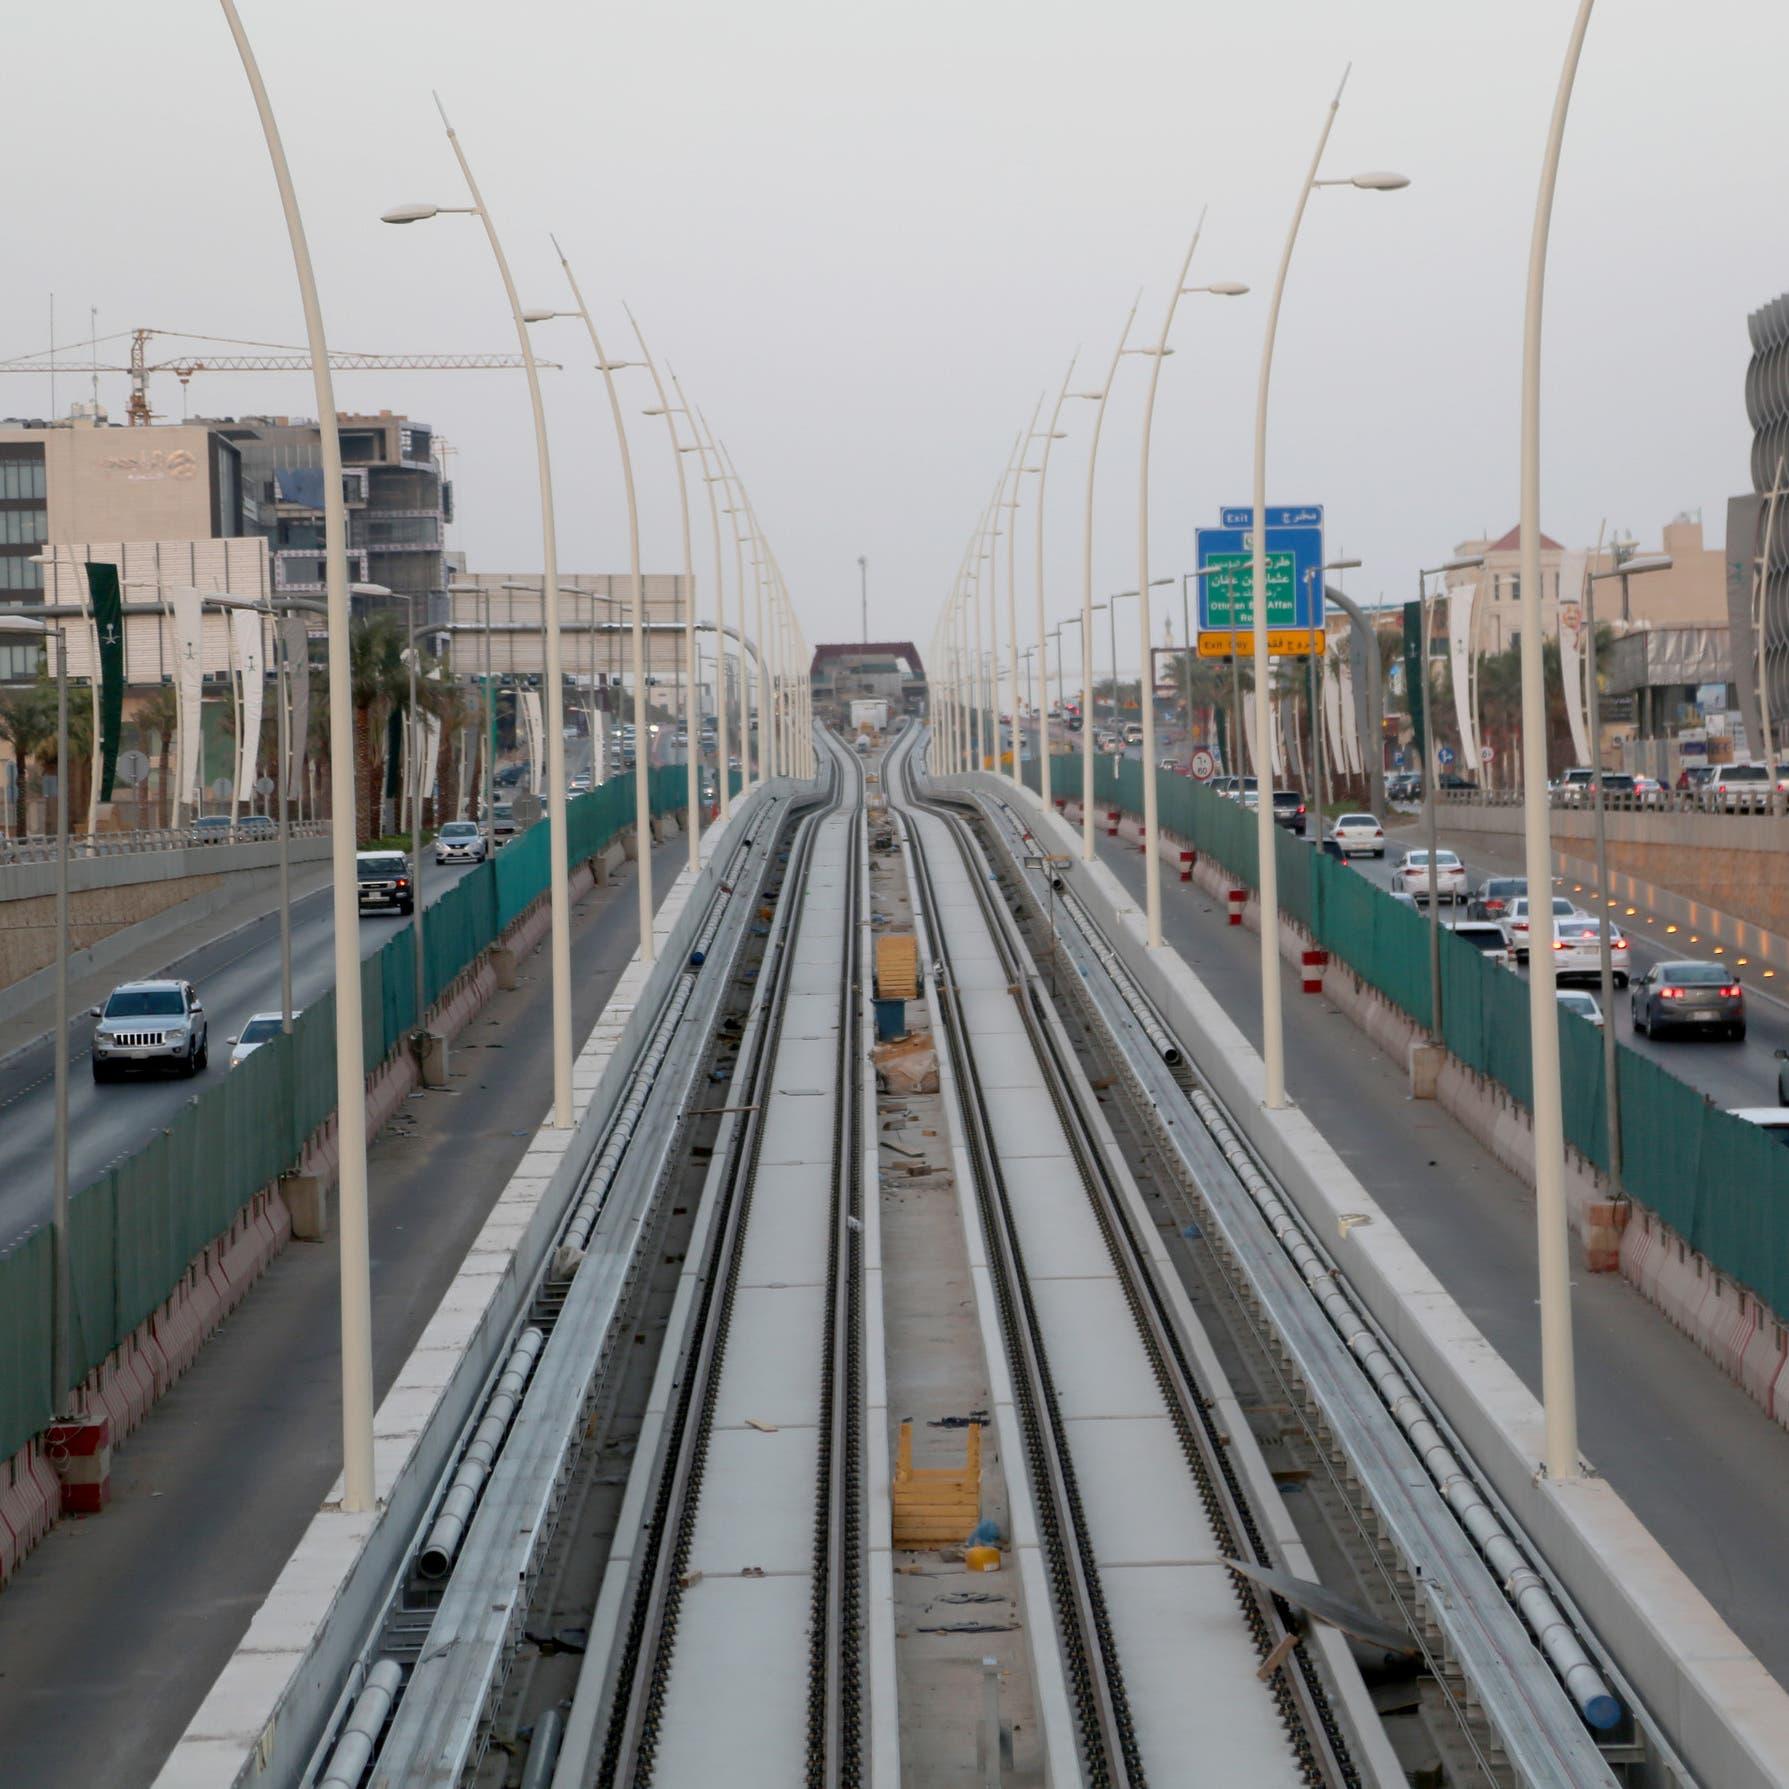 قفزة متوقعة لنفقات الحكومة السعودية الرأسمالية لـ112 مليار ريال بنهاية 2021